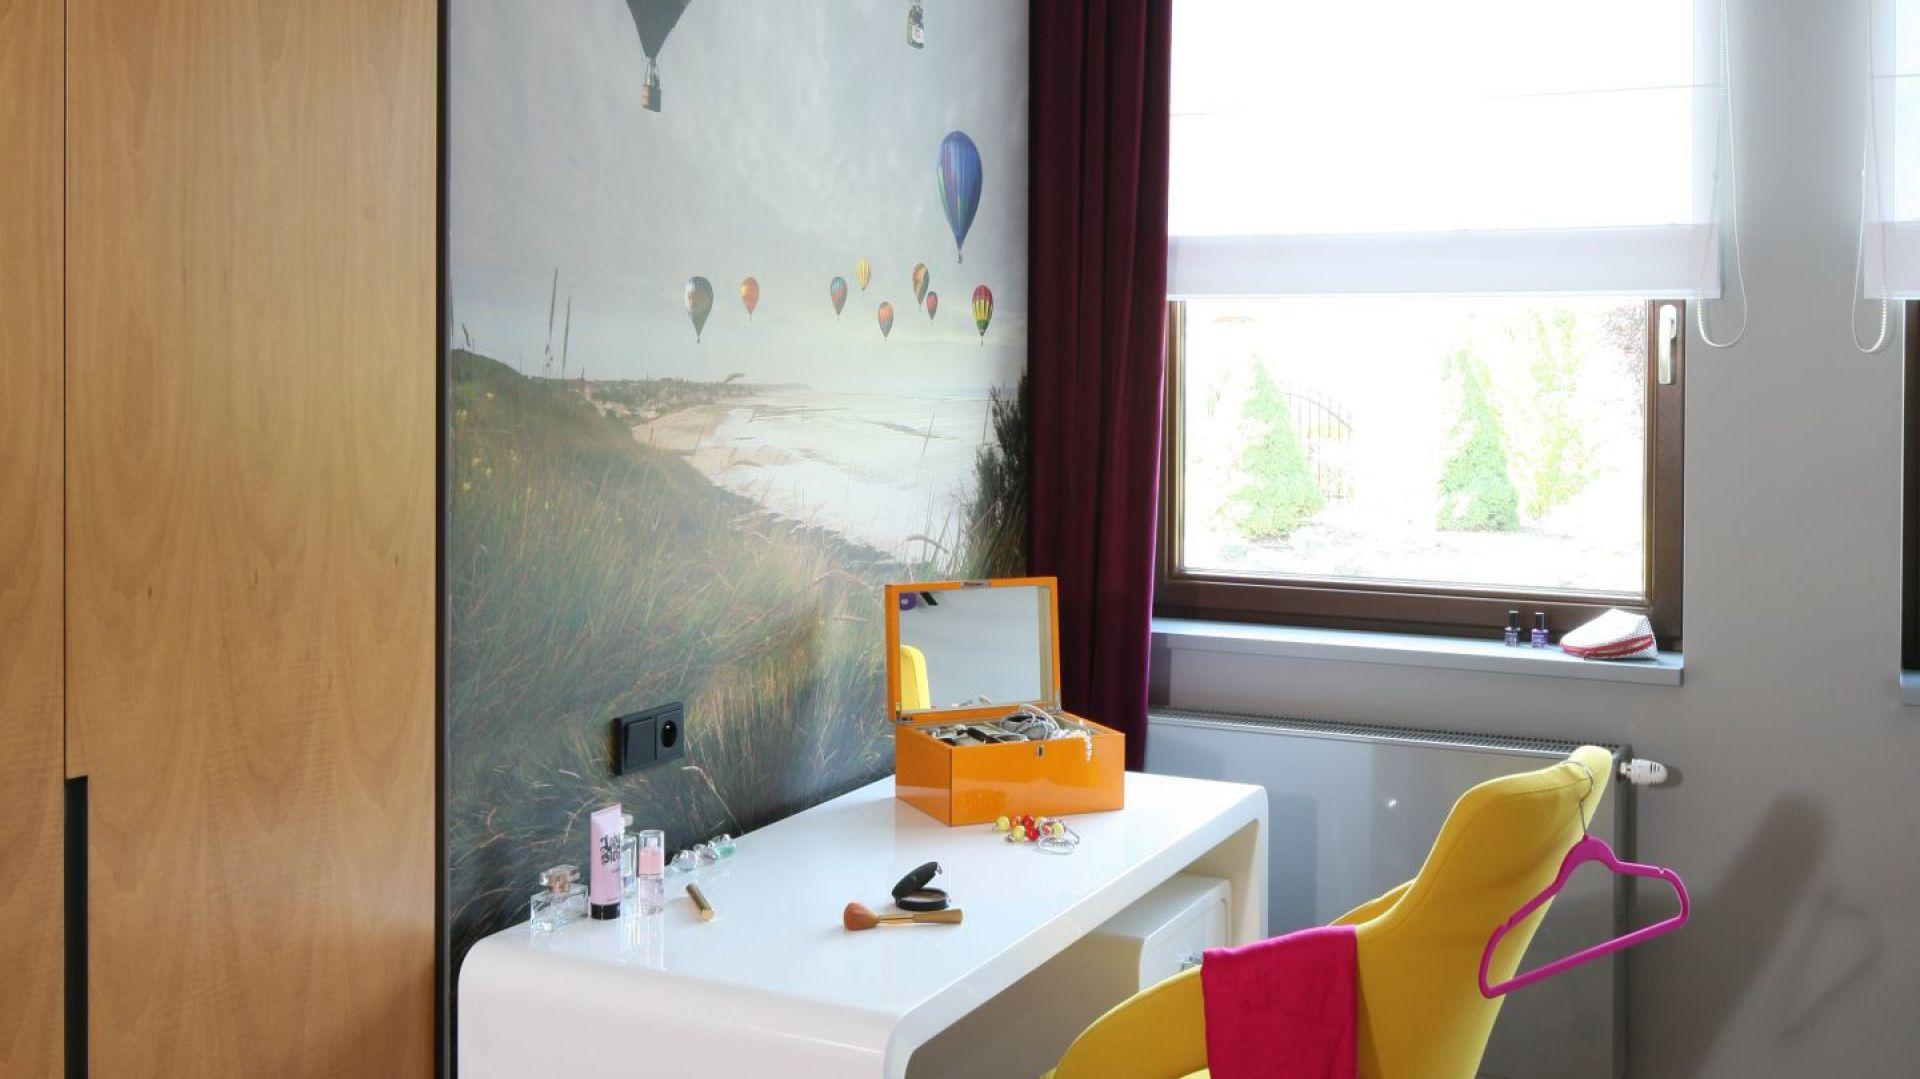 Ścianę przed biurkiem zdobi fototapeta przedstawiająca kolorowe balony. Do nich nawiązuje formą oprawa głównego oświetlenia. Fot. Bartosz Jarosz.